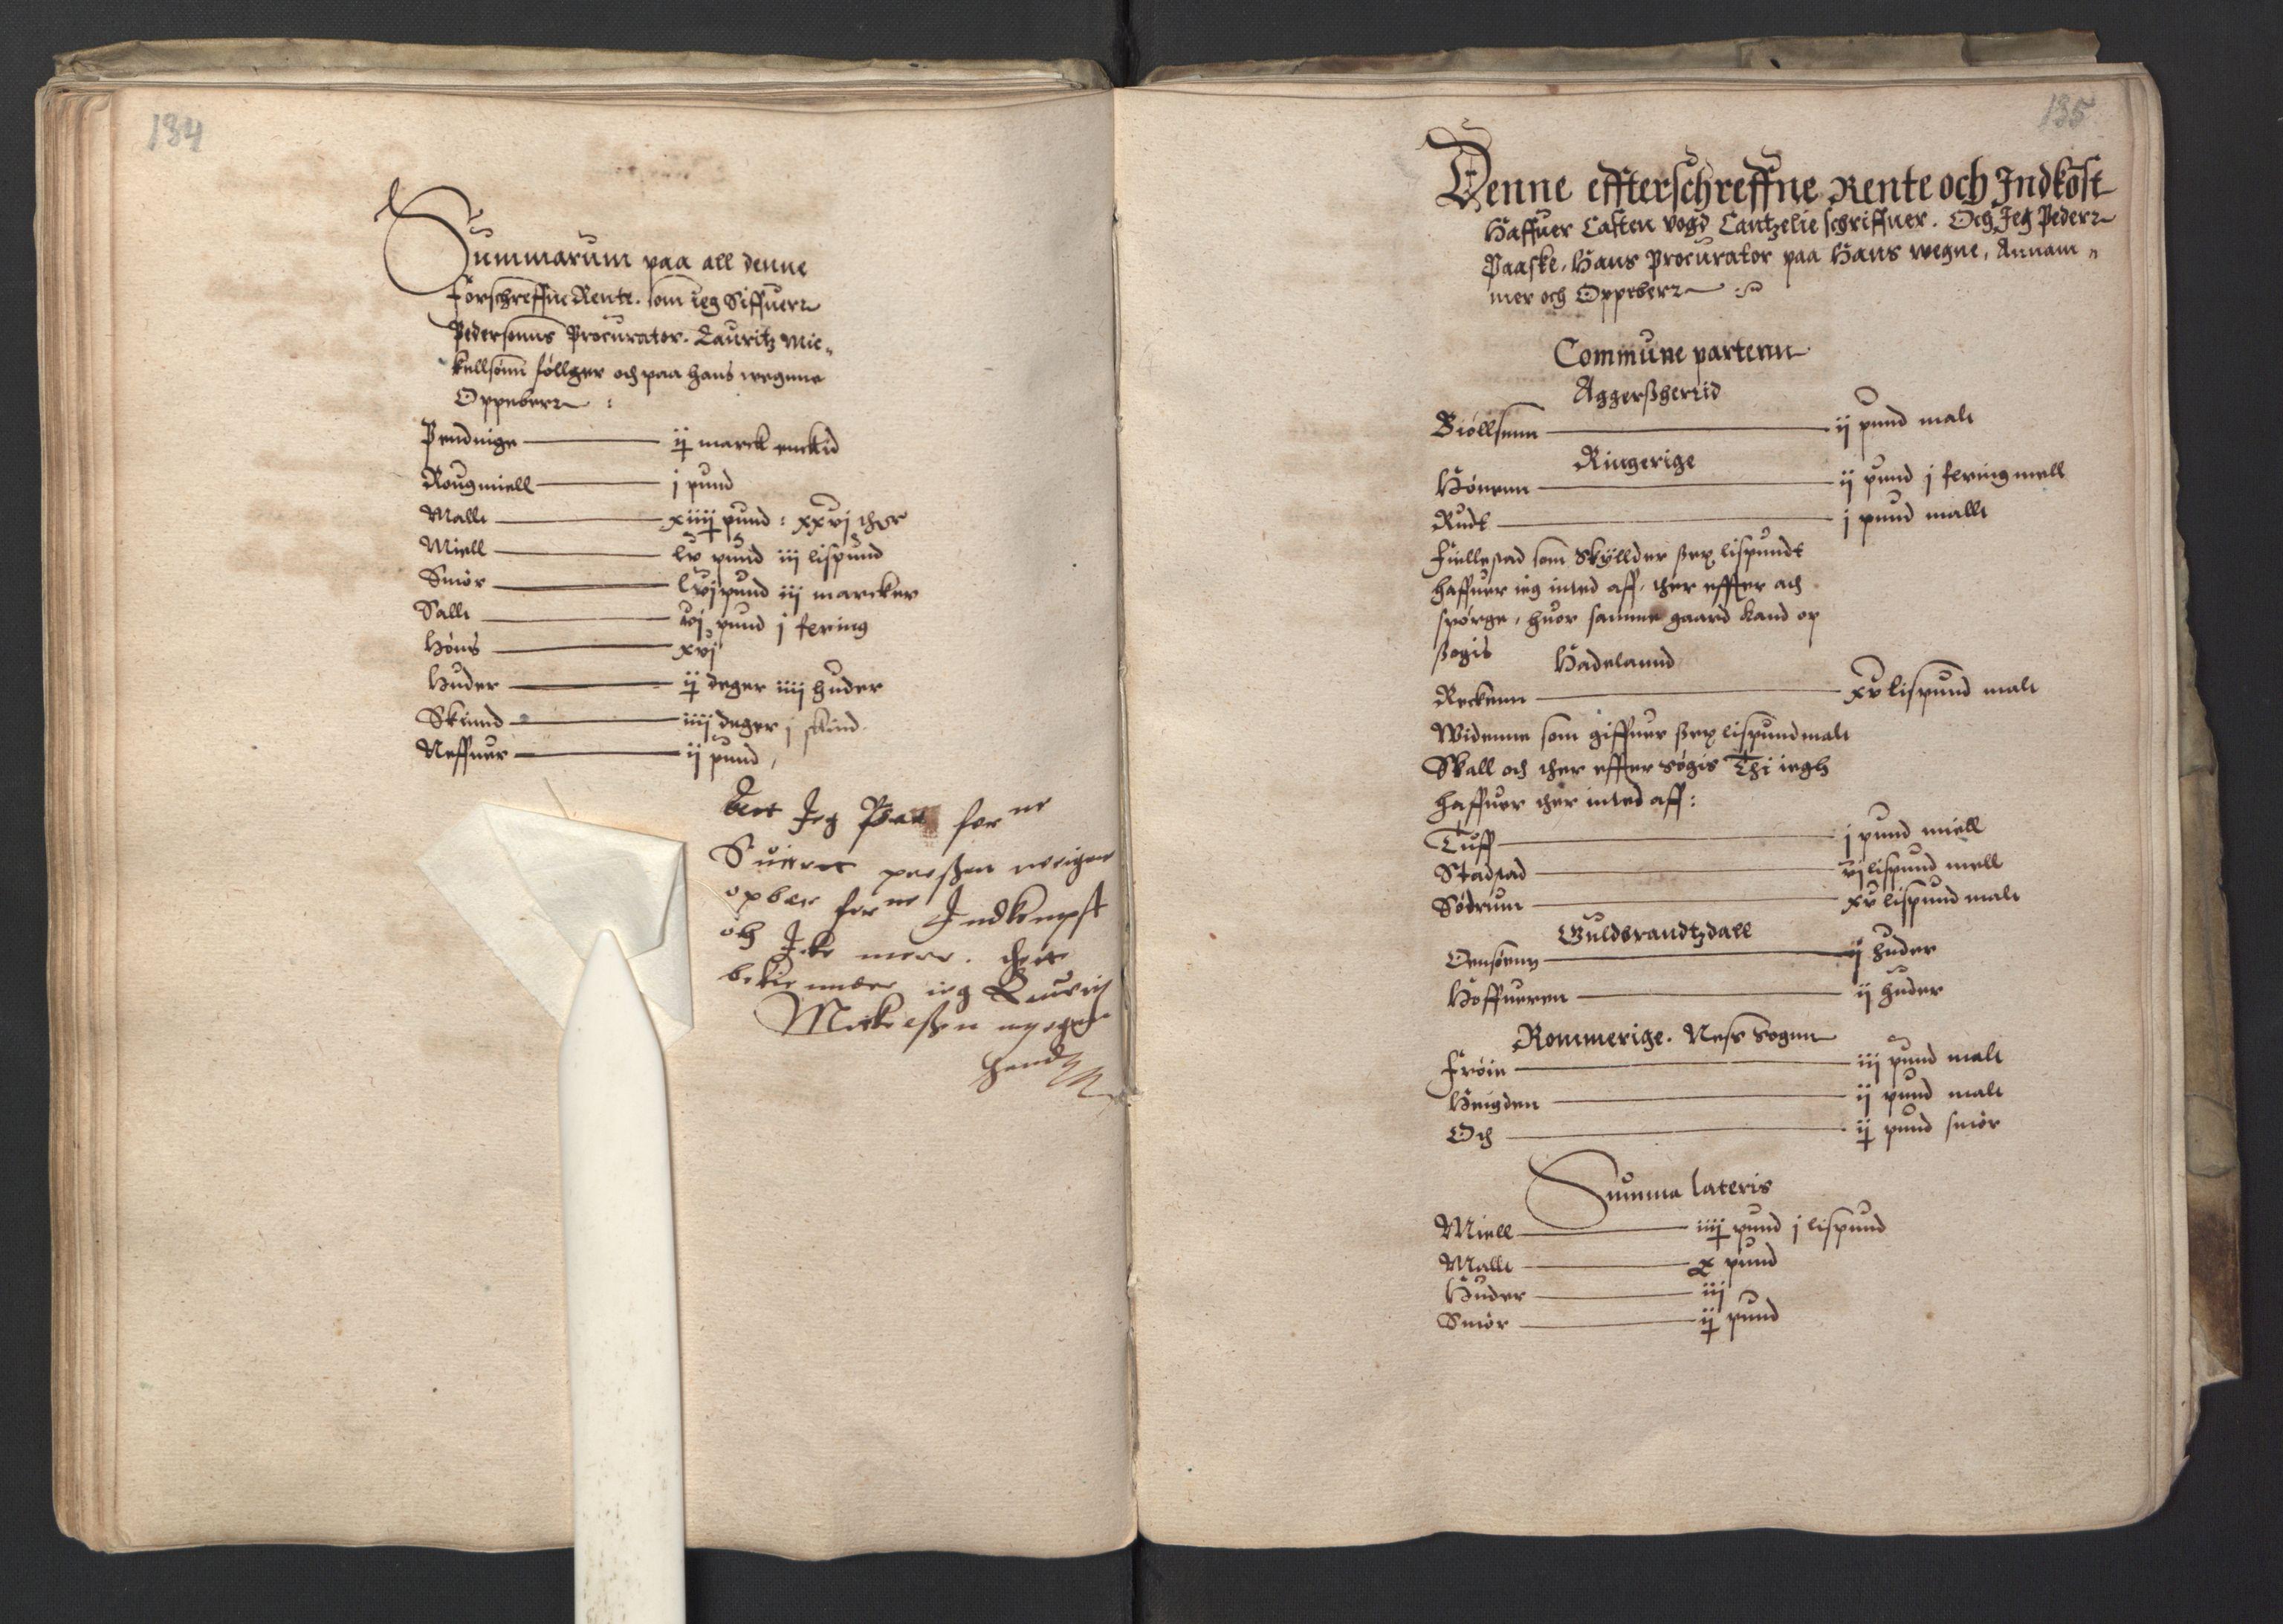 RA, Stattholderembetet 1572-1771, Ek/L0001: Jordebøker før 1624 og til utligning av garnisonsskatt 1624-1626:, 1595, s. 134-135